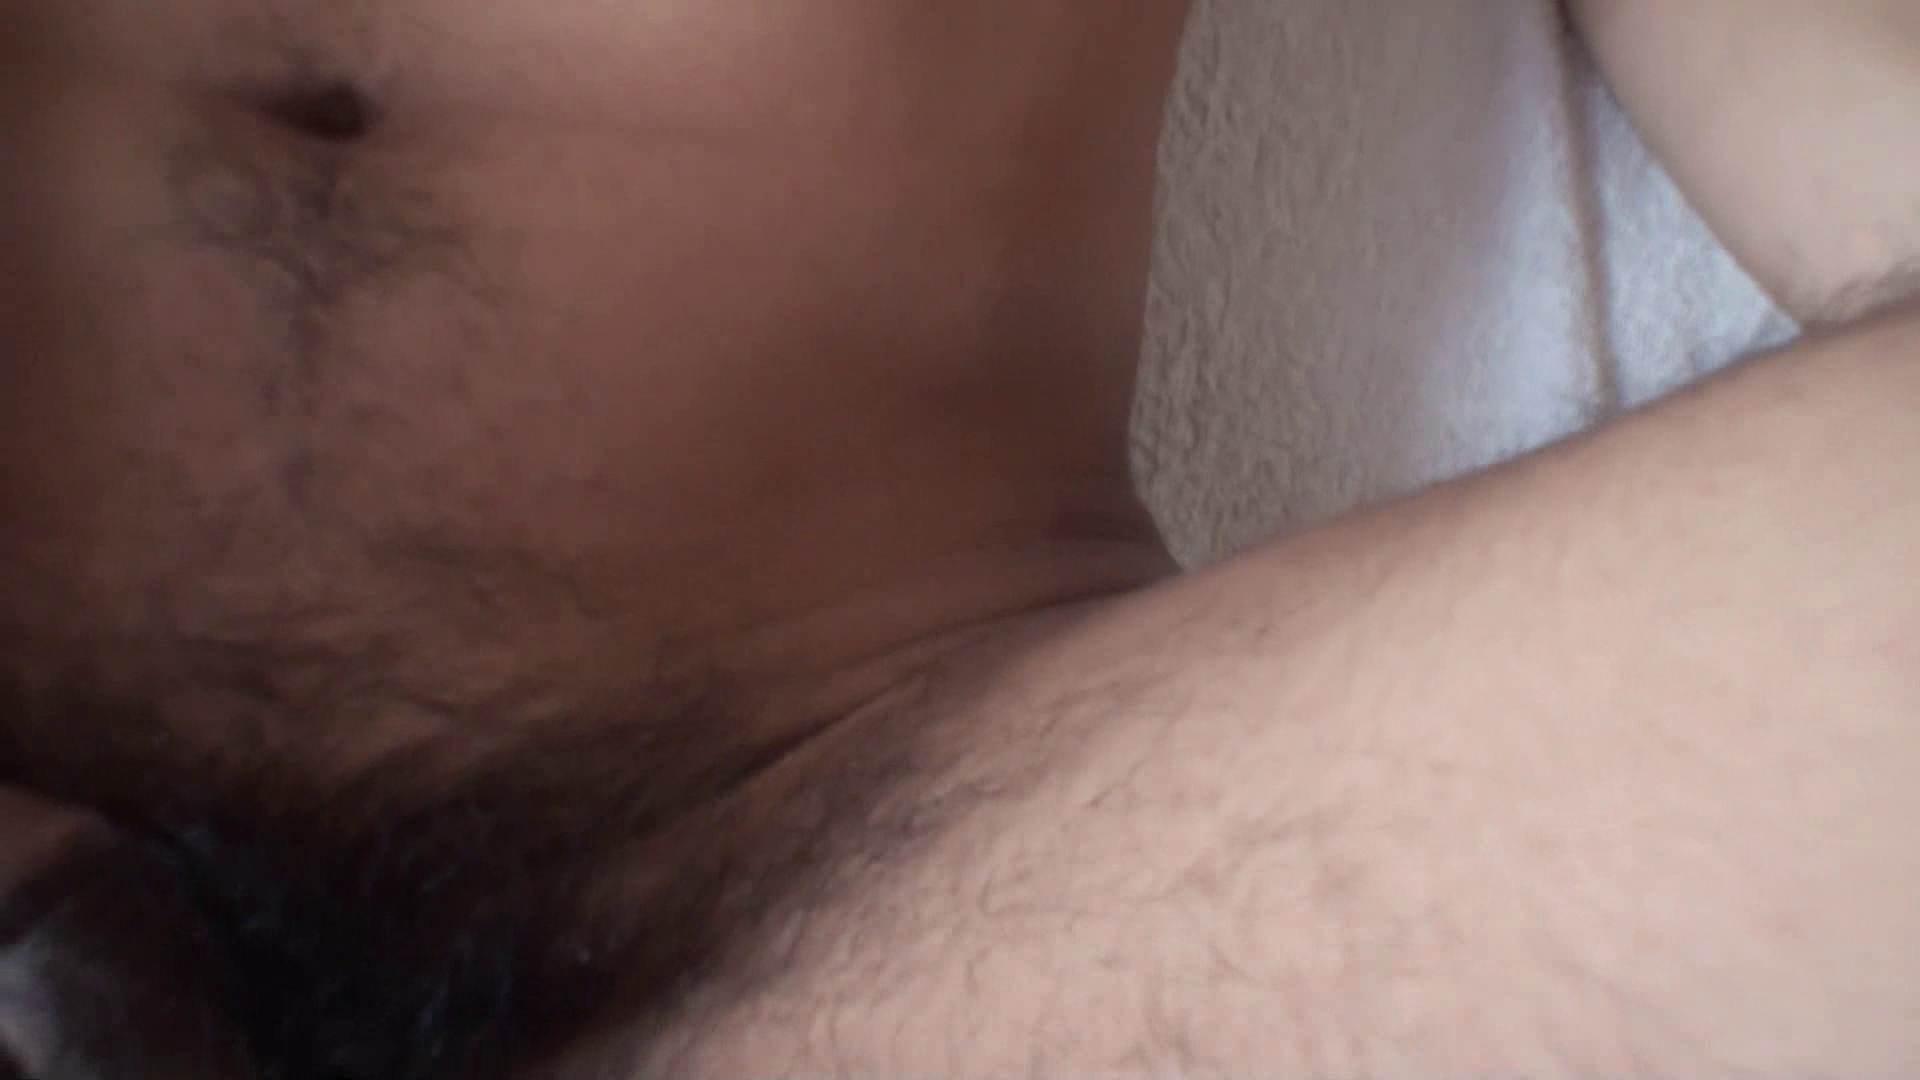 HD 良太と健二当たり前の日常 セックス編 菊指 ちんこ画像 65枚 36